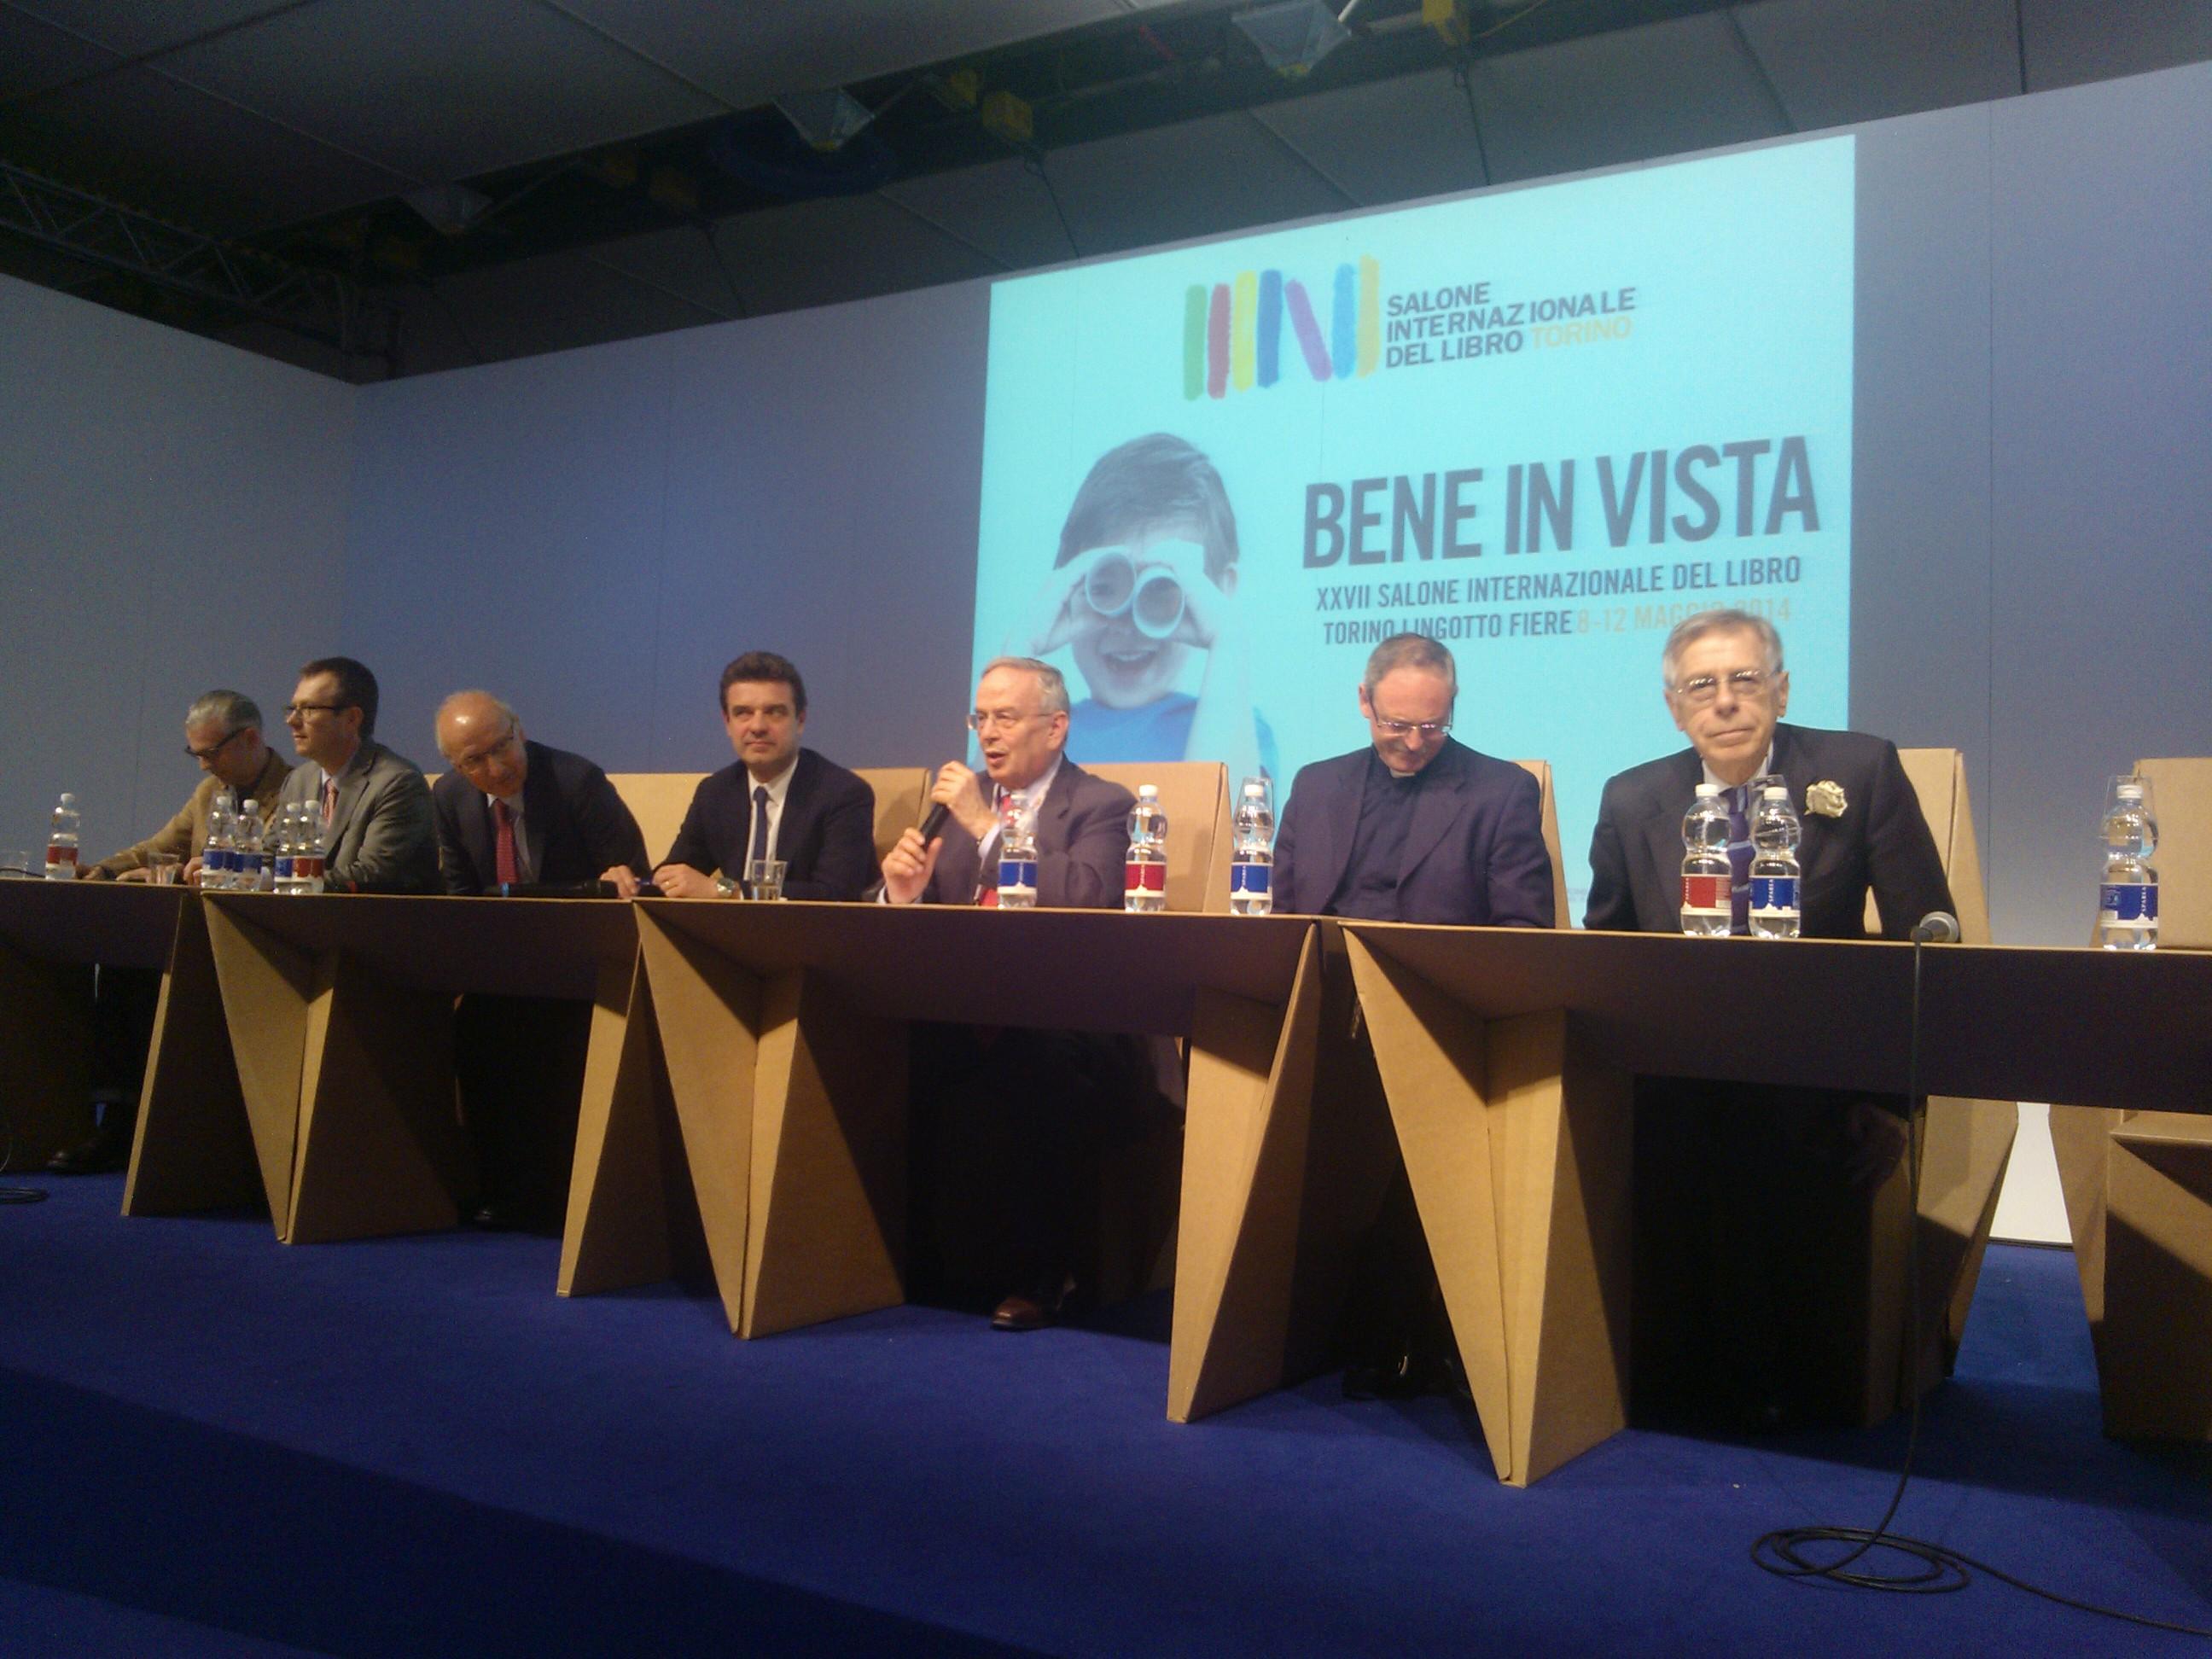 conferenza stampa di chiusura